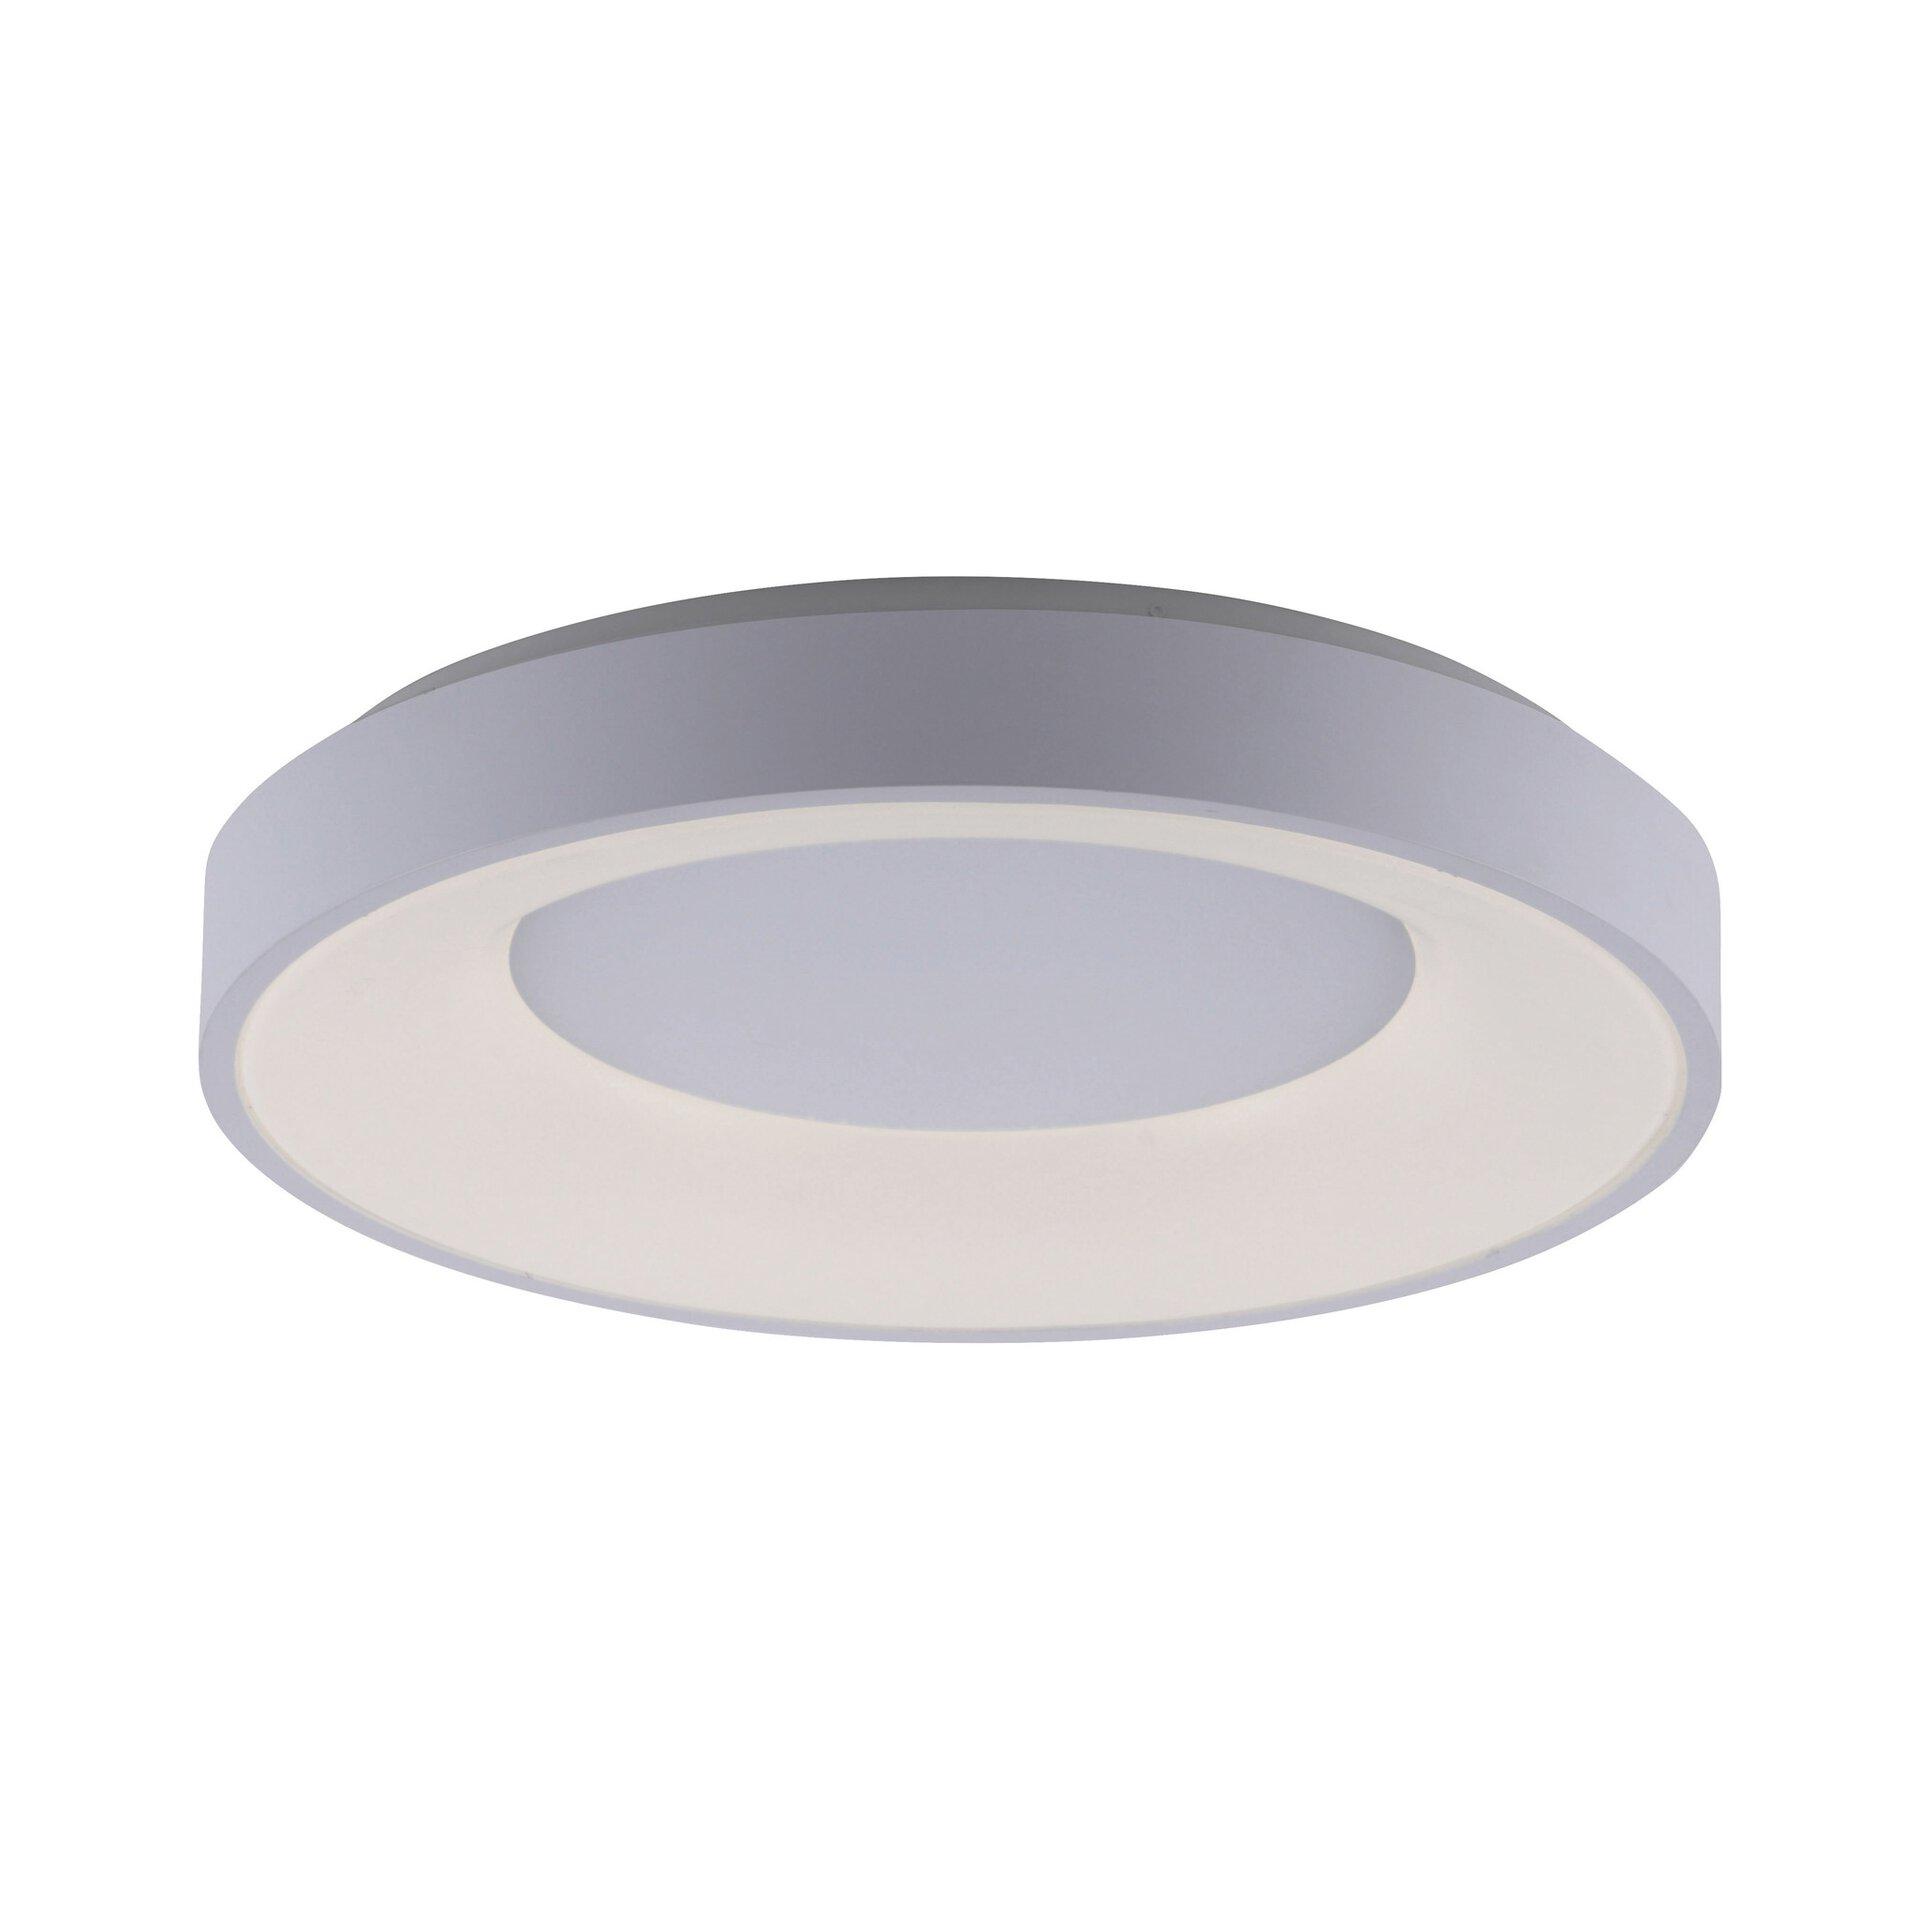 Deckenleuchte ANIKA Leuchtendirekt Metall weiß 50 x 9 x 50 cm